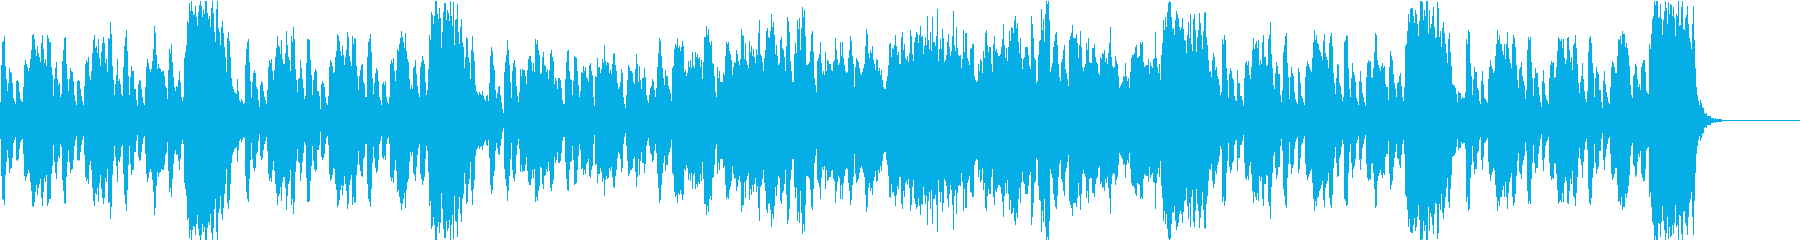 ゲーム・アニメ・CM向けフルートのマーチの再生済みの波形